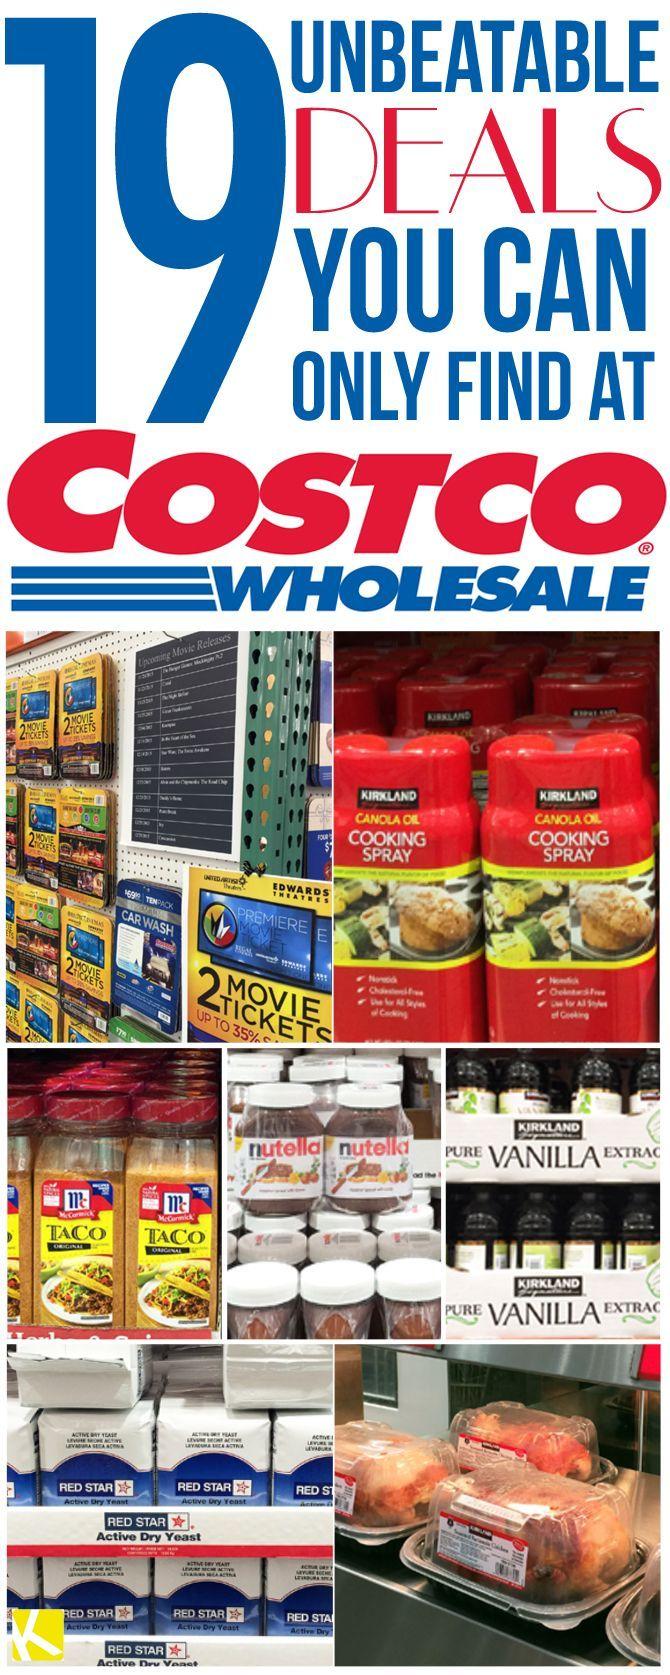 Best Deals At Costco 20 Items That Ll Justify Your Membership Fee Best Deals At Costco Costco Costco Deals